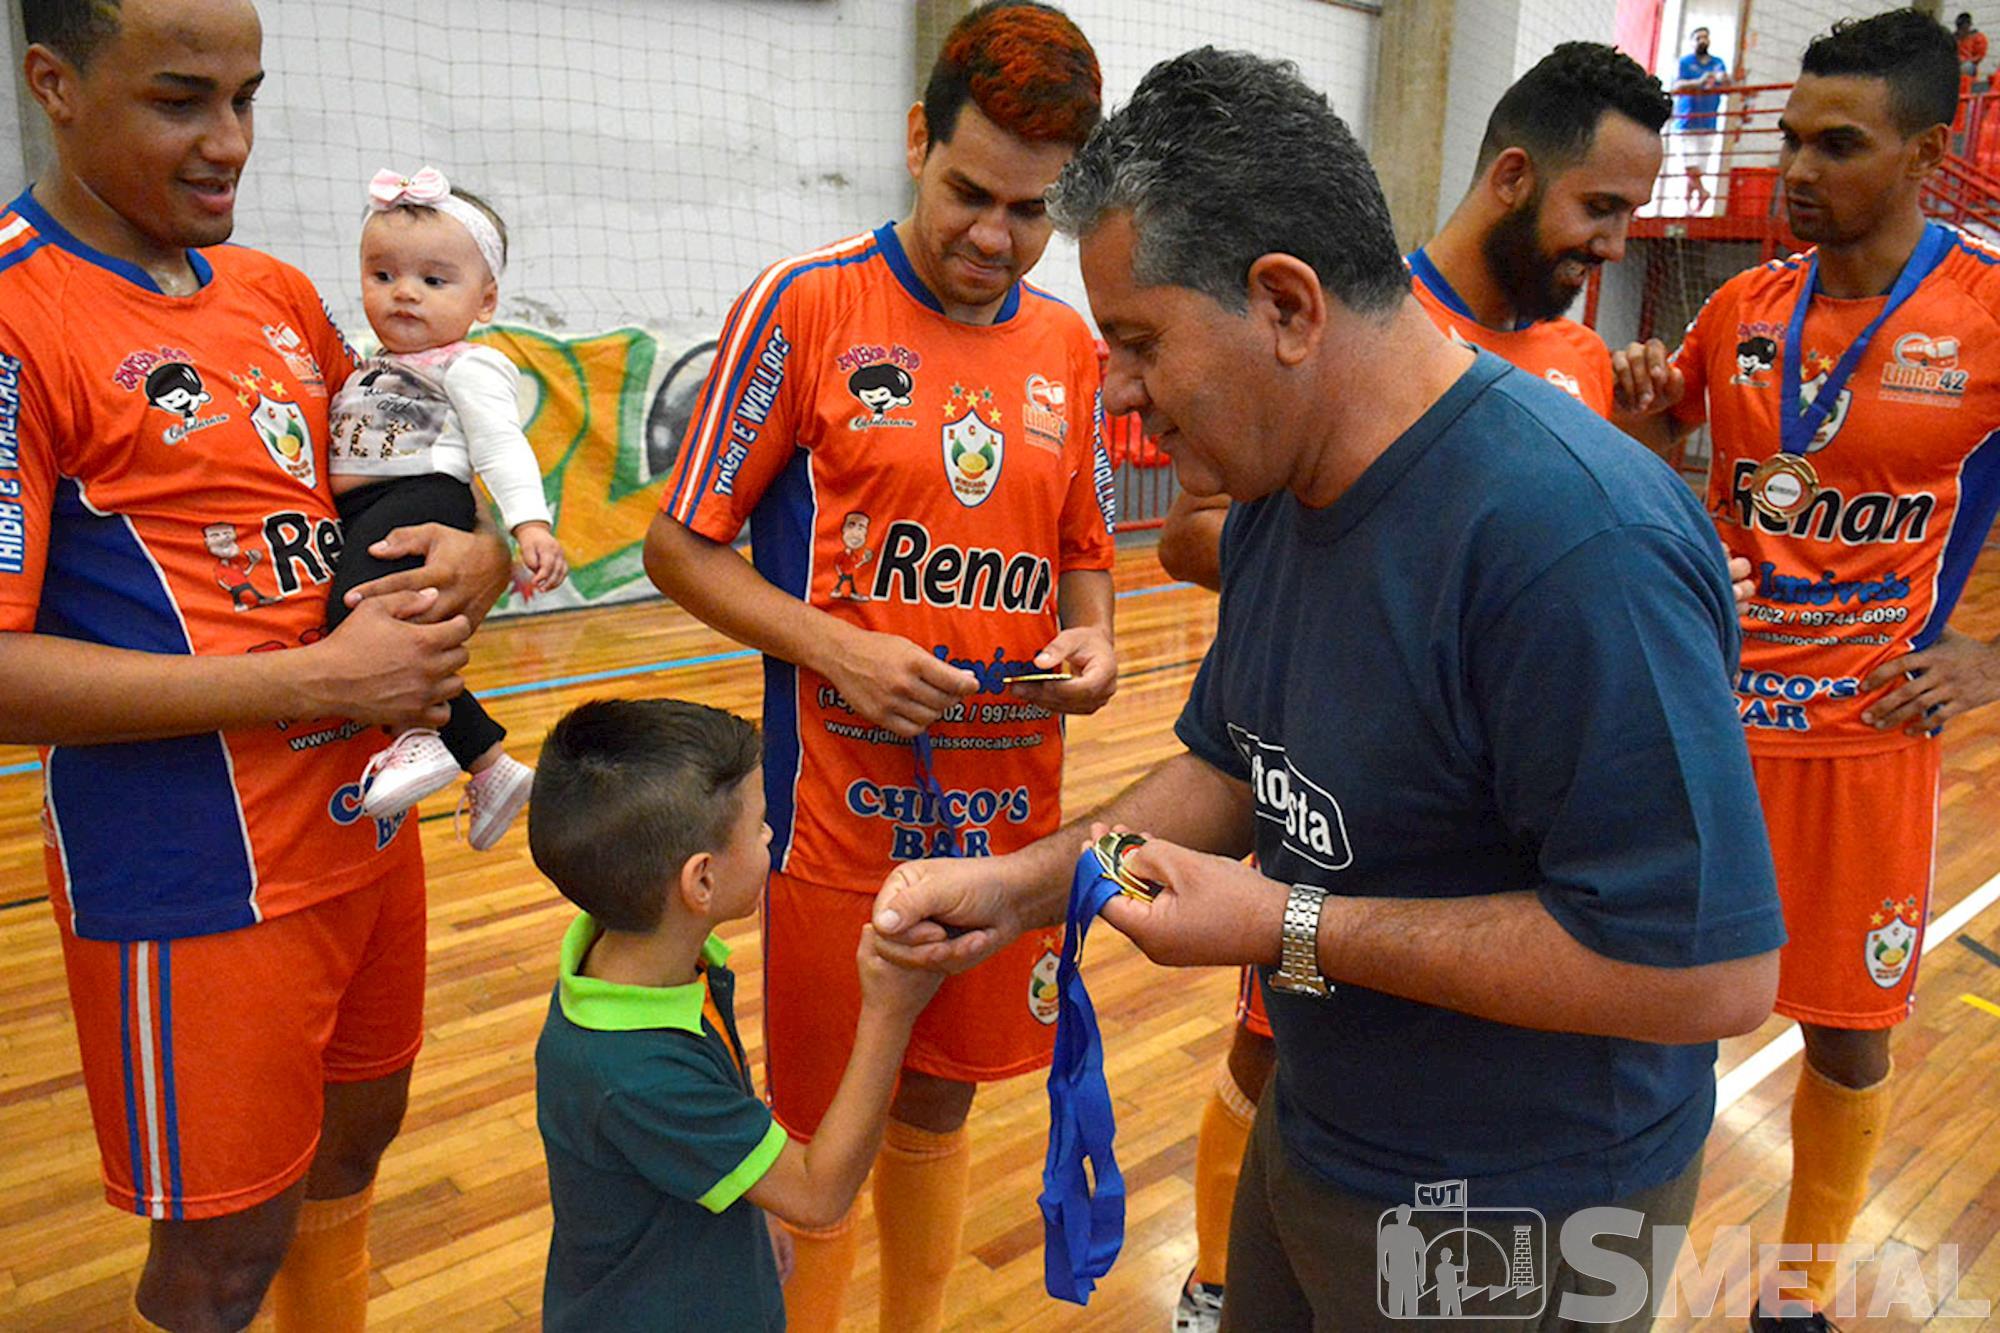 Laranjeiras Linha 42 - Campeões da 12ª Taça Papagaio de Futsal, Final da 12ª Taça Papagaio do SMetal